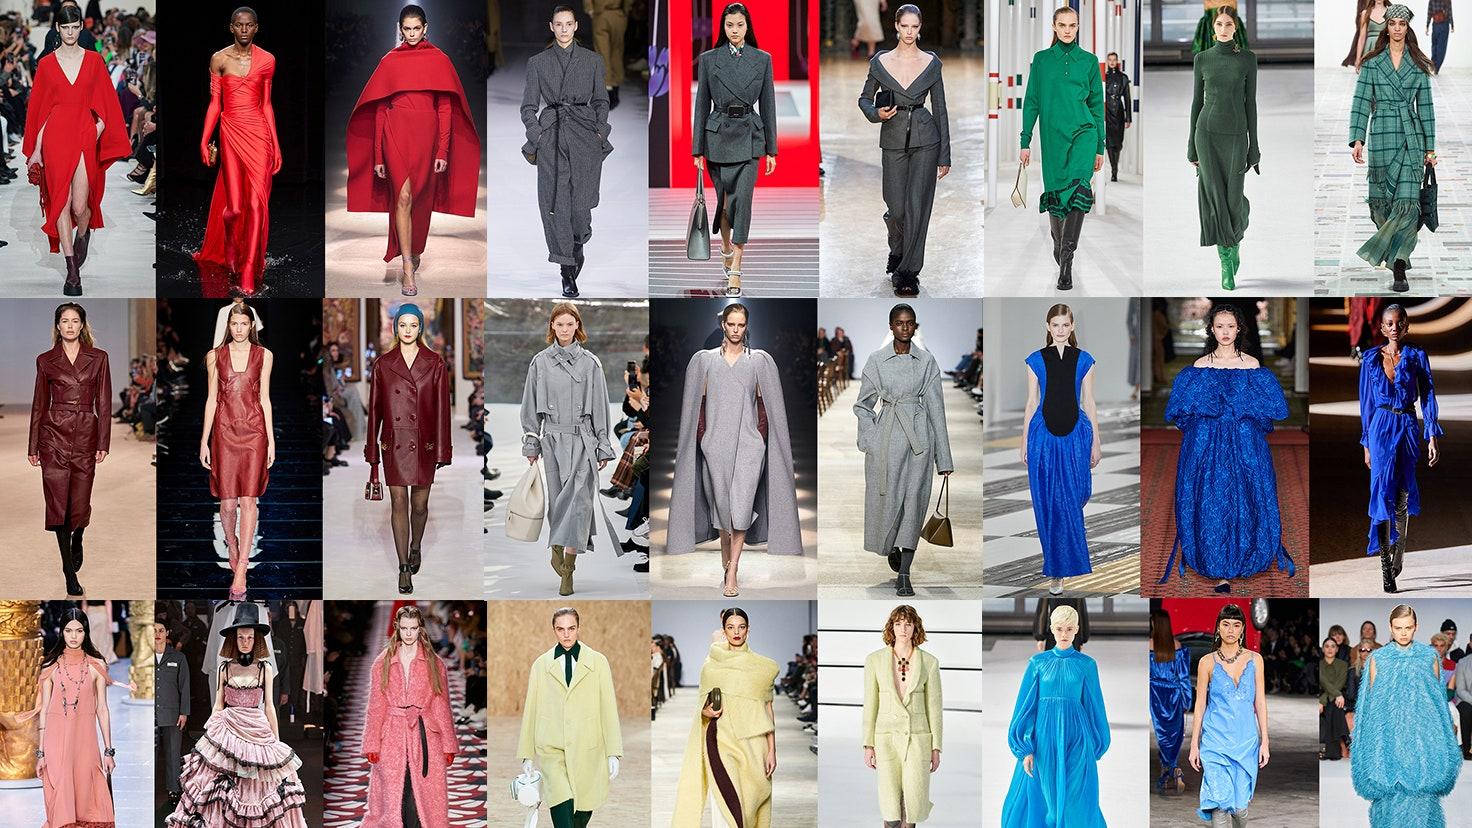 Модные цвета лета 2020-2021 в одежде (160 фото): какой самый модный оттенок на весну по версии Pantone, женские сочетания